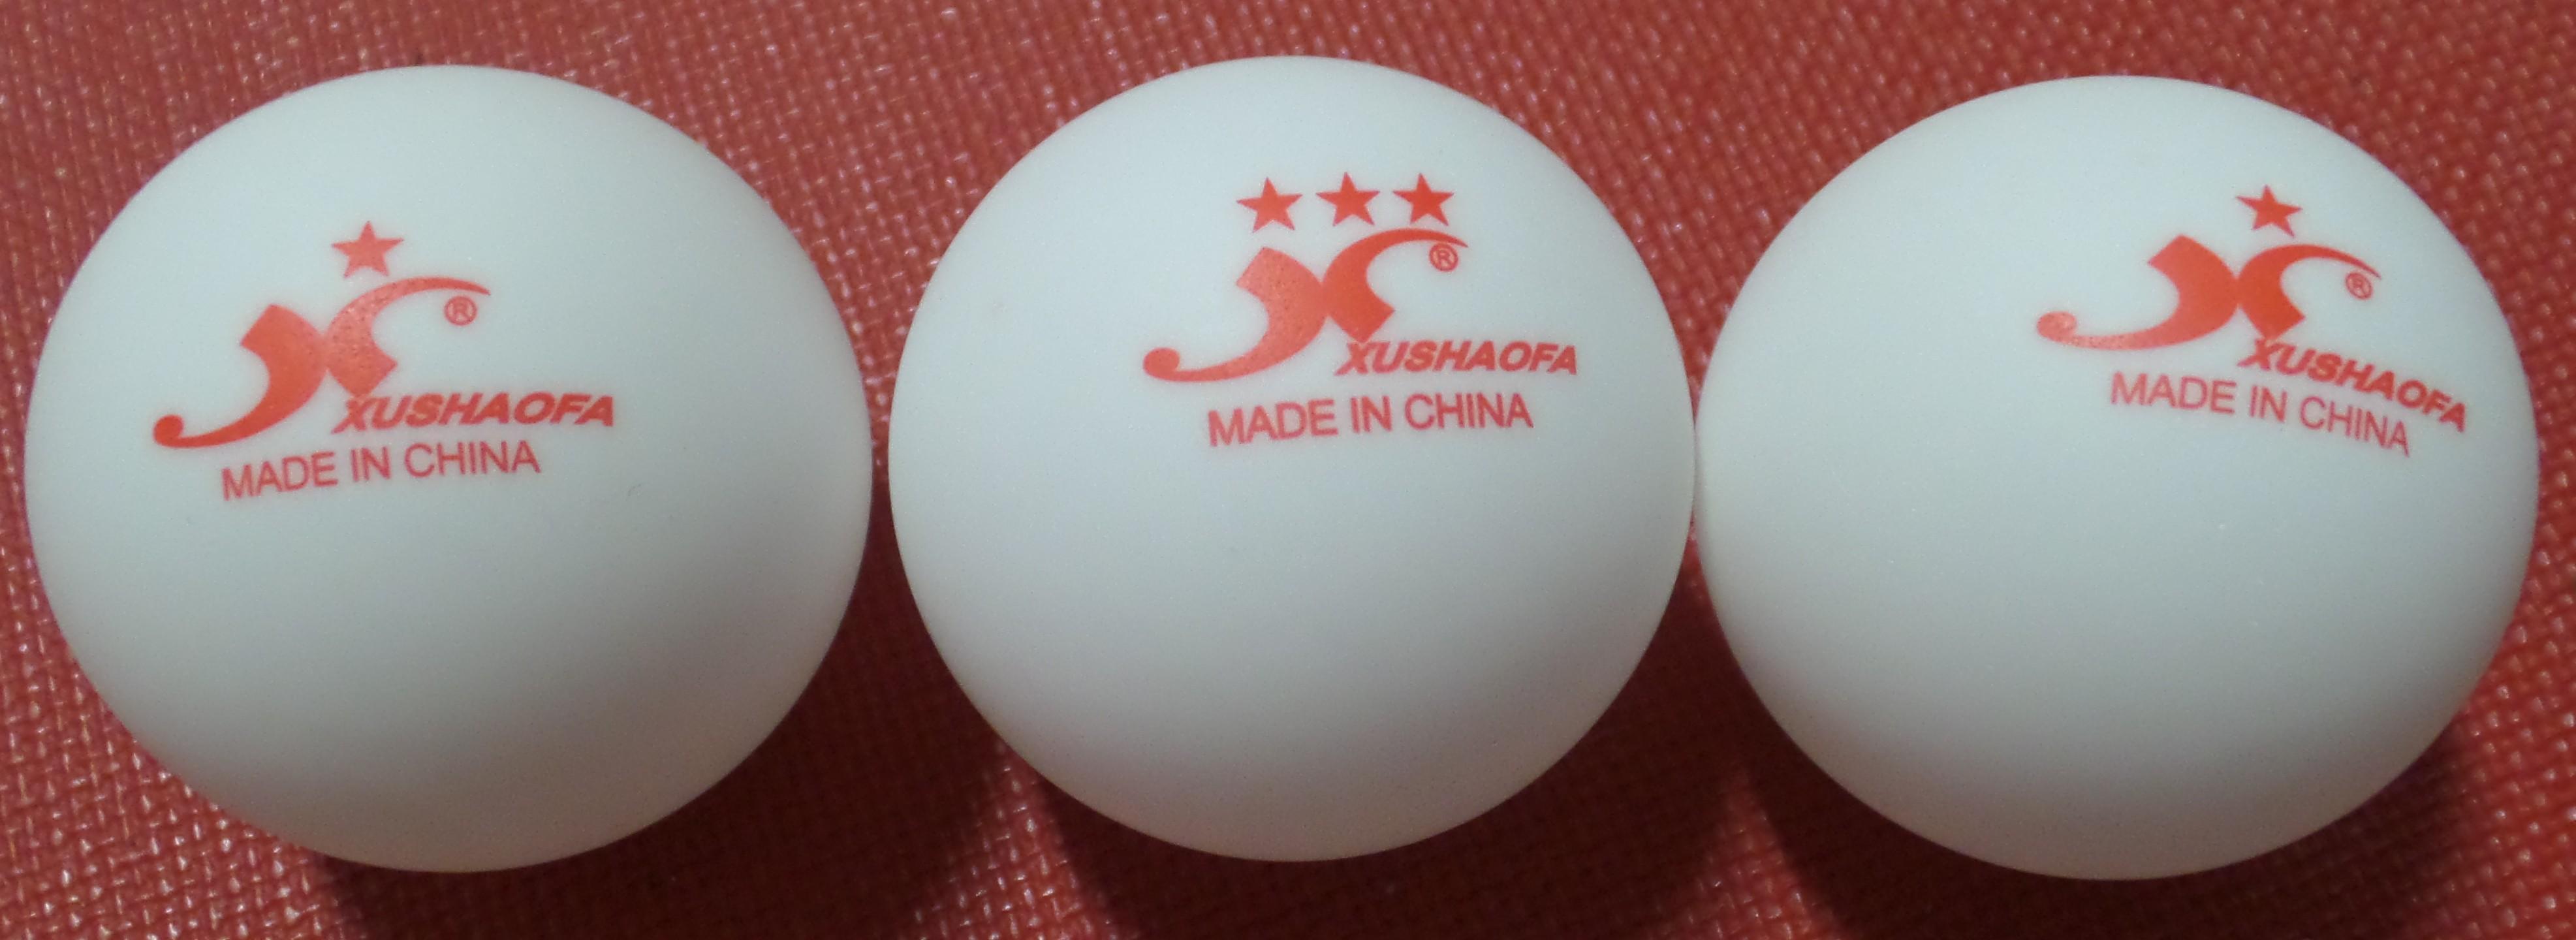 Drei Tischtennis-Bälle aus Plastik